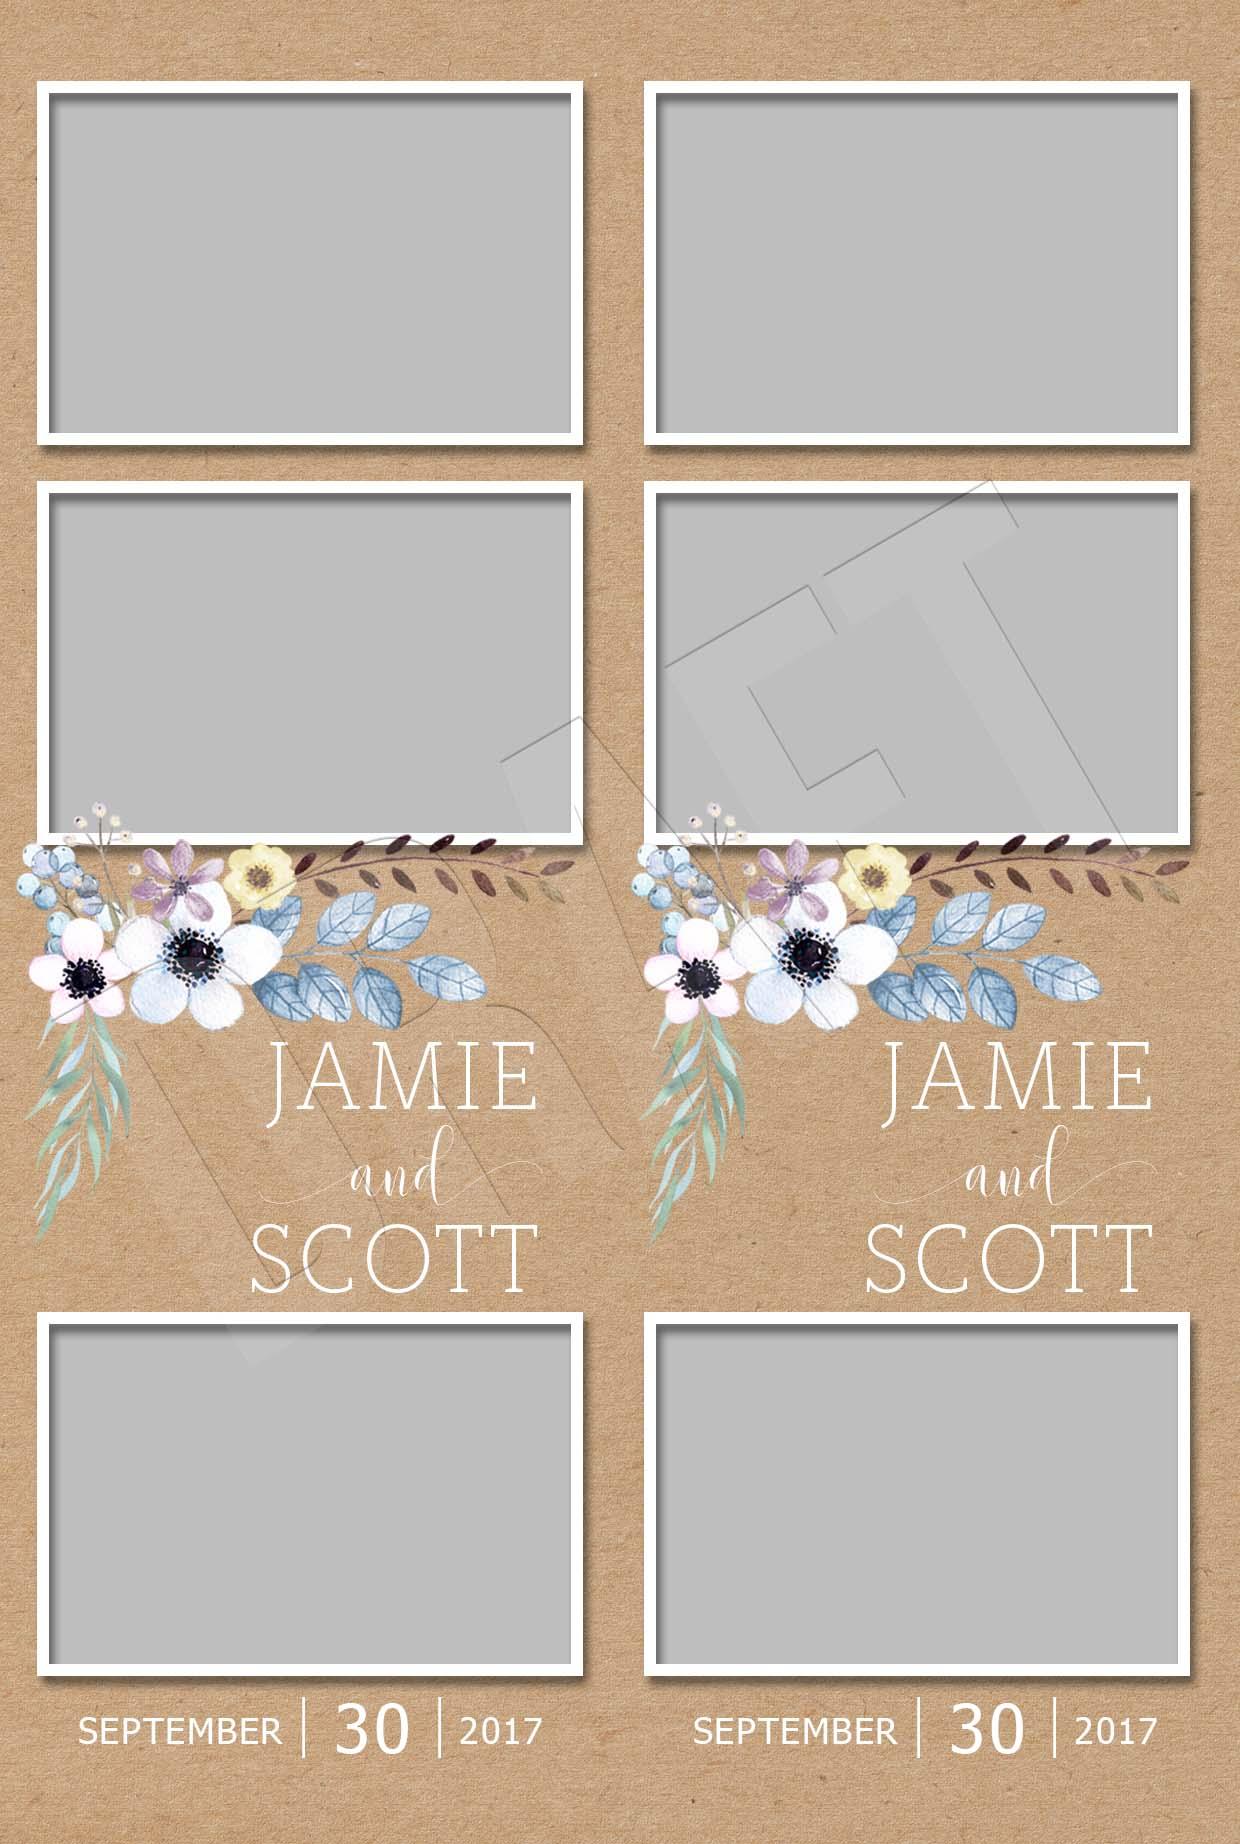 JamieScott-2